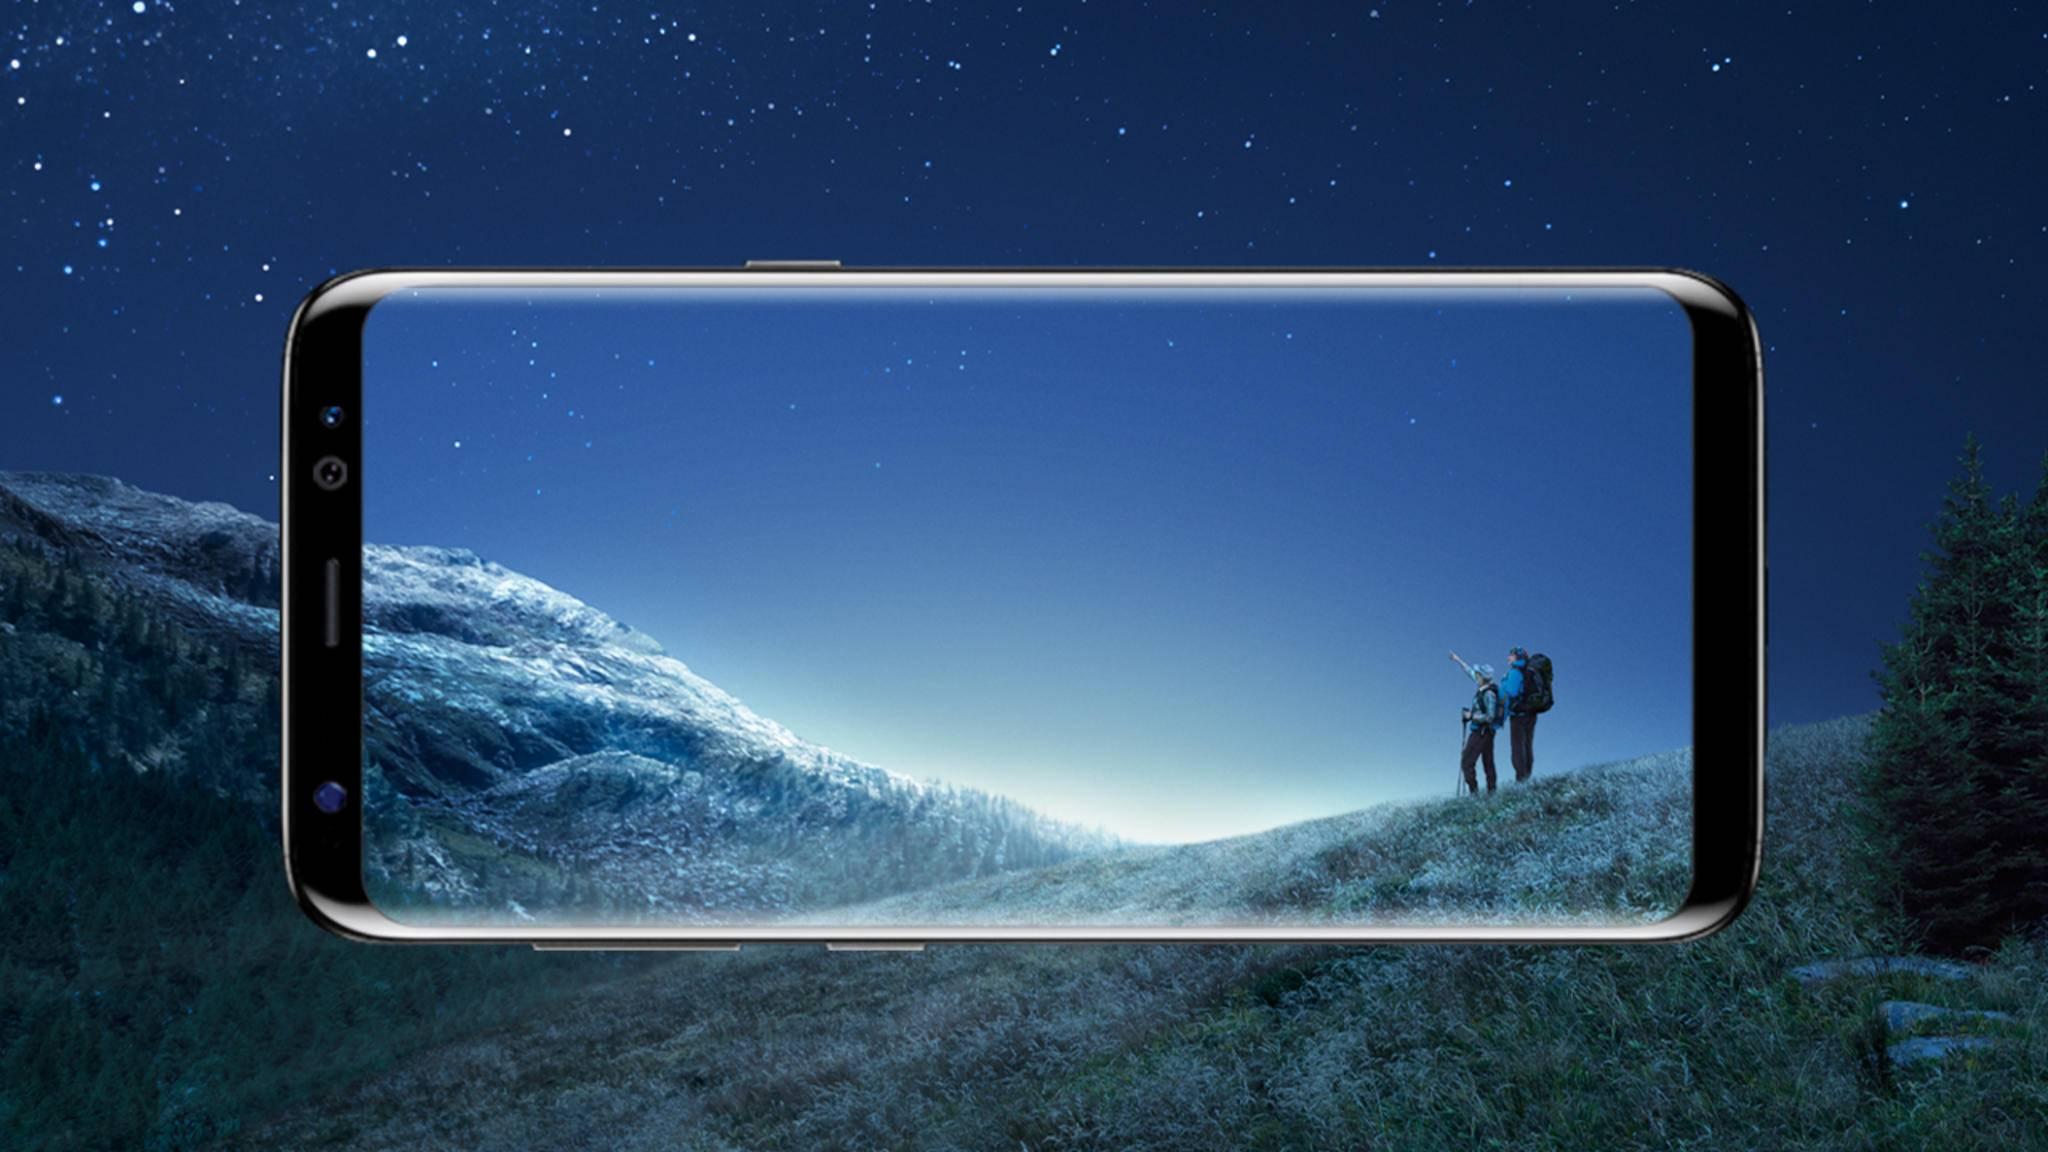 Der Screen des Galaxy S8 ist toll, bietet aber leider kein 4K.